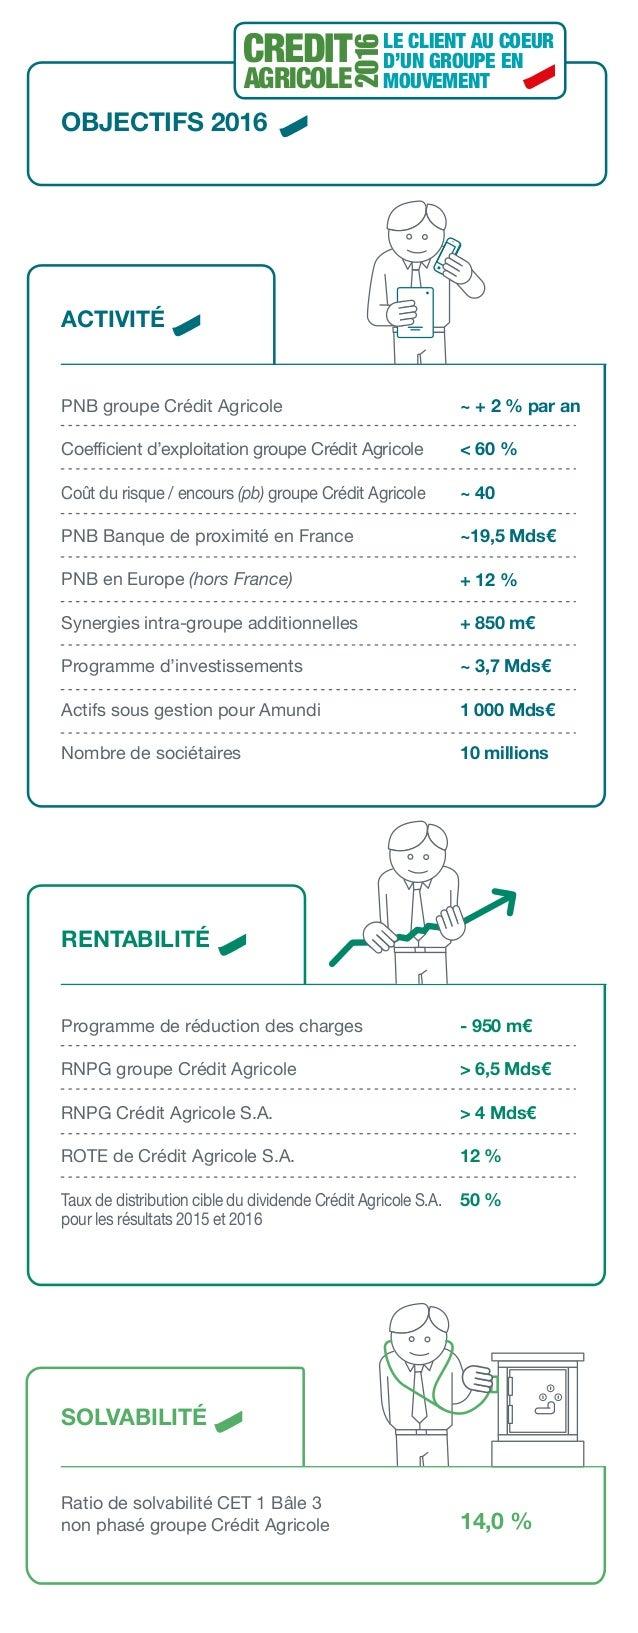 Crédit Agricole 2016 - Objectifs financiers du Groupe et de Crédit Agricole SA